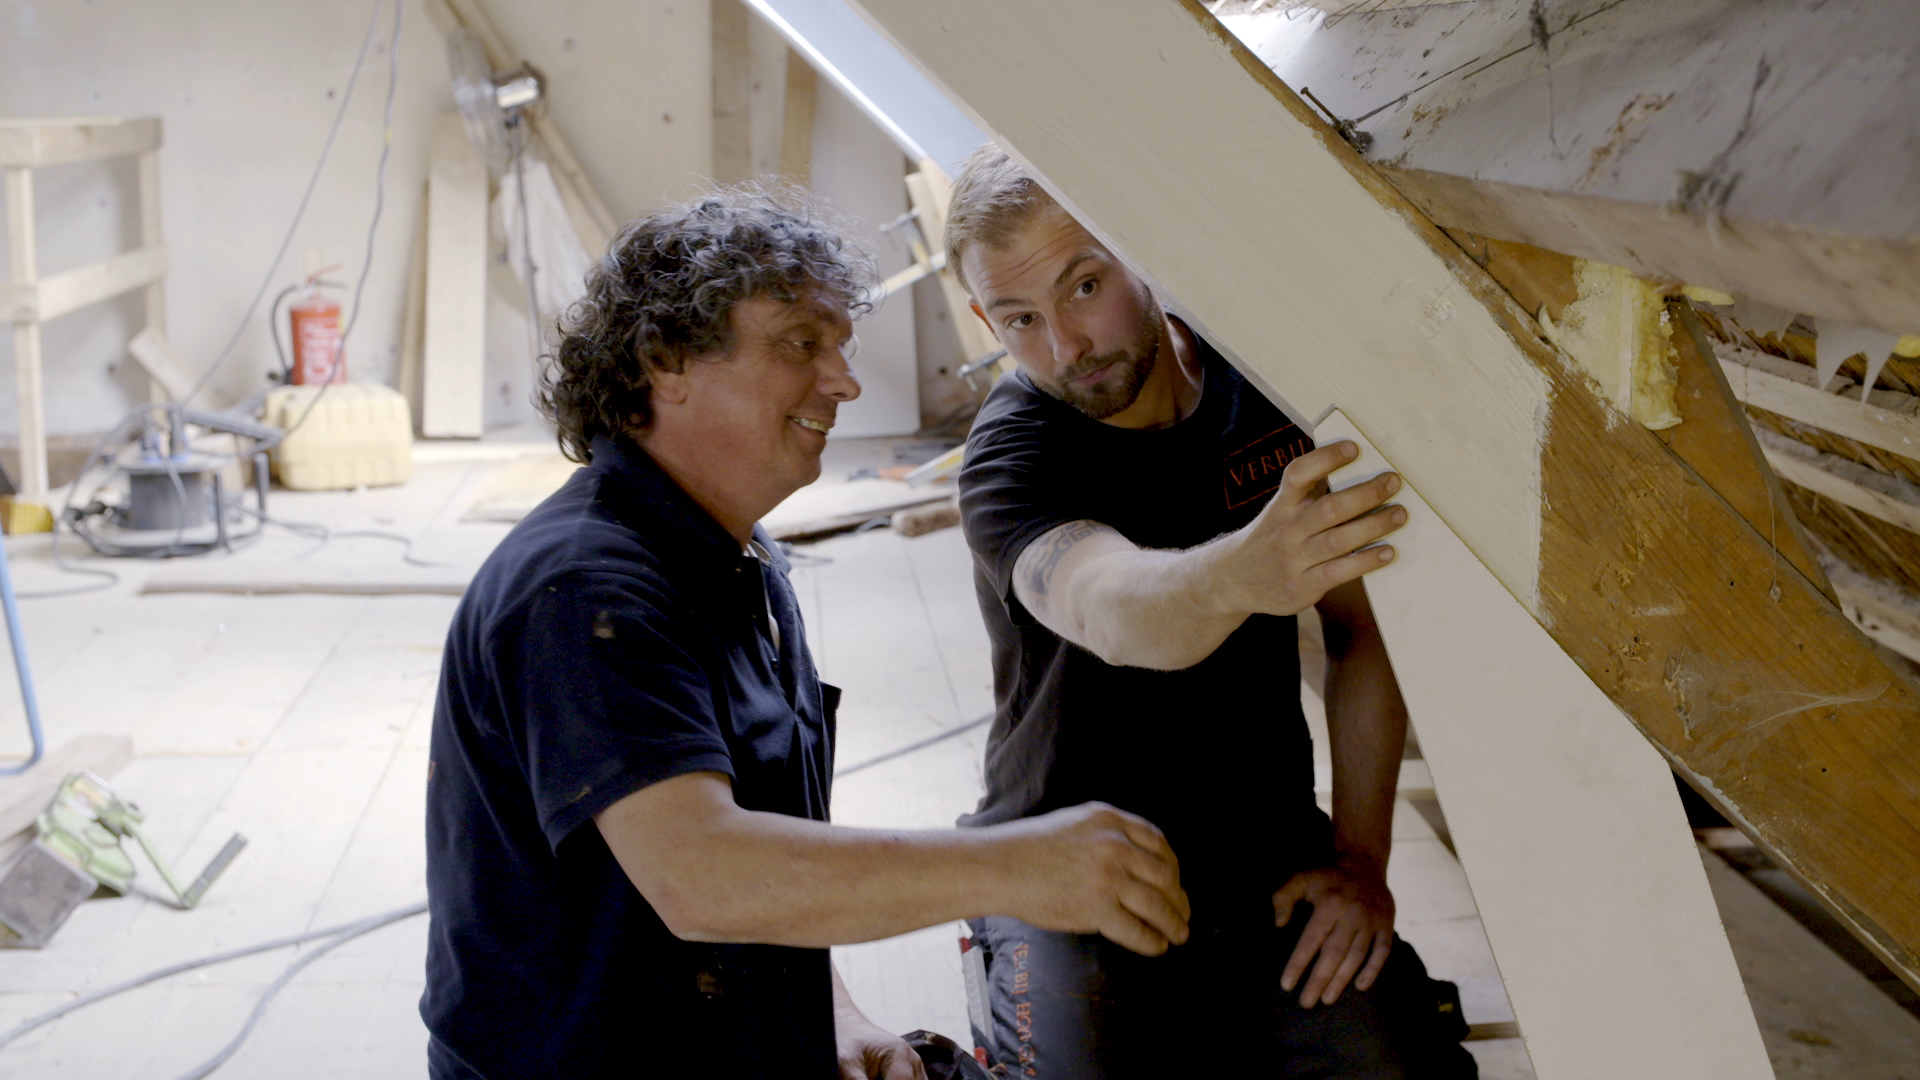 Lang leve de meester en zijn gezel bij bouw- en molenmakersbedrijf Verbij in Hoogmade [video]